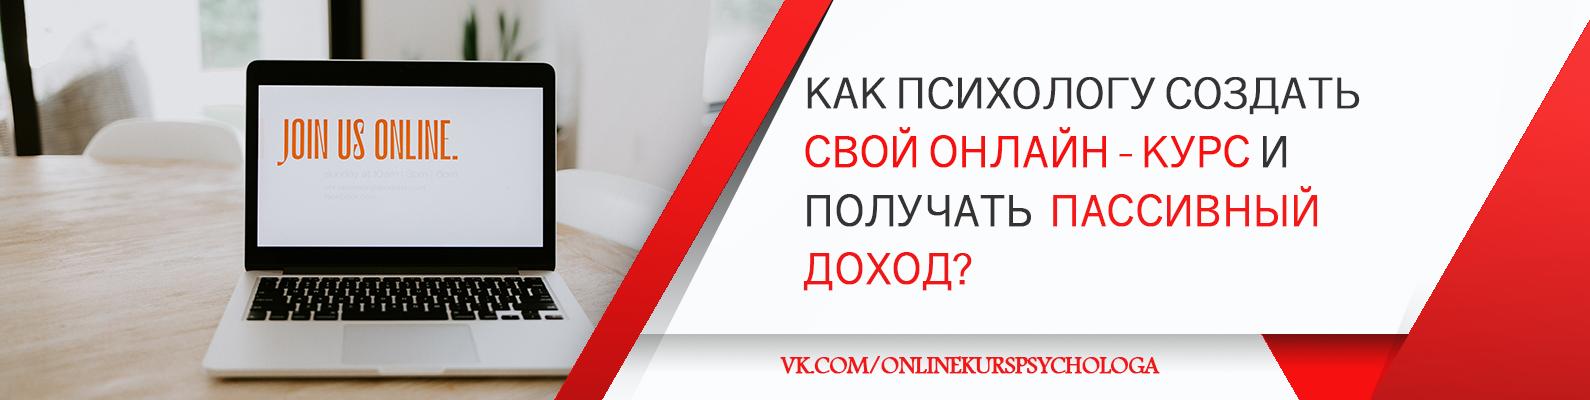 Как психологу создать свой онлайн-курс и получать пассивный доход? post thumbnail image